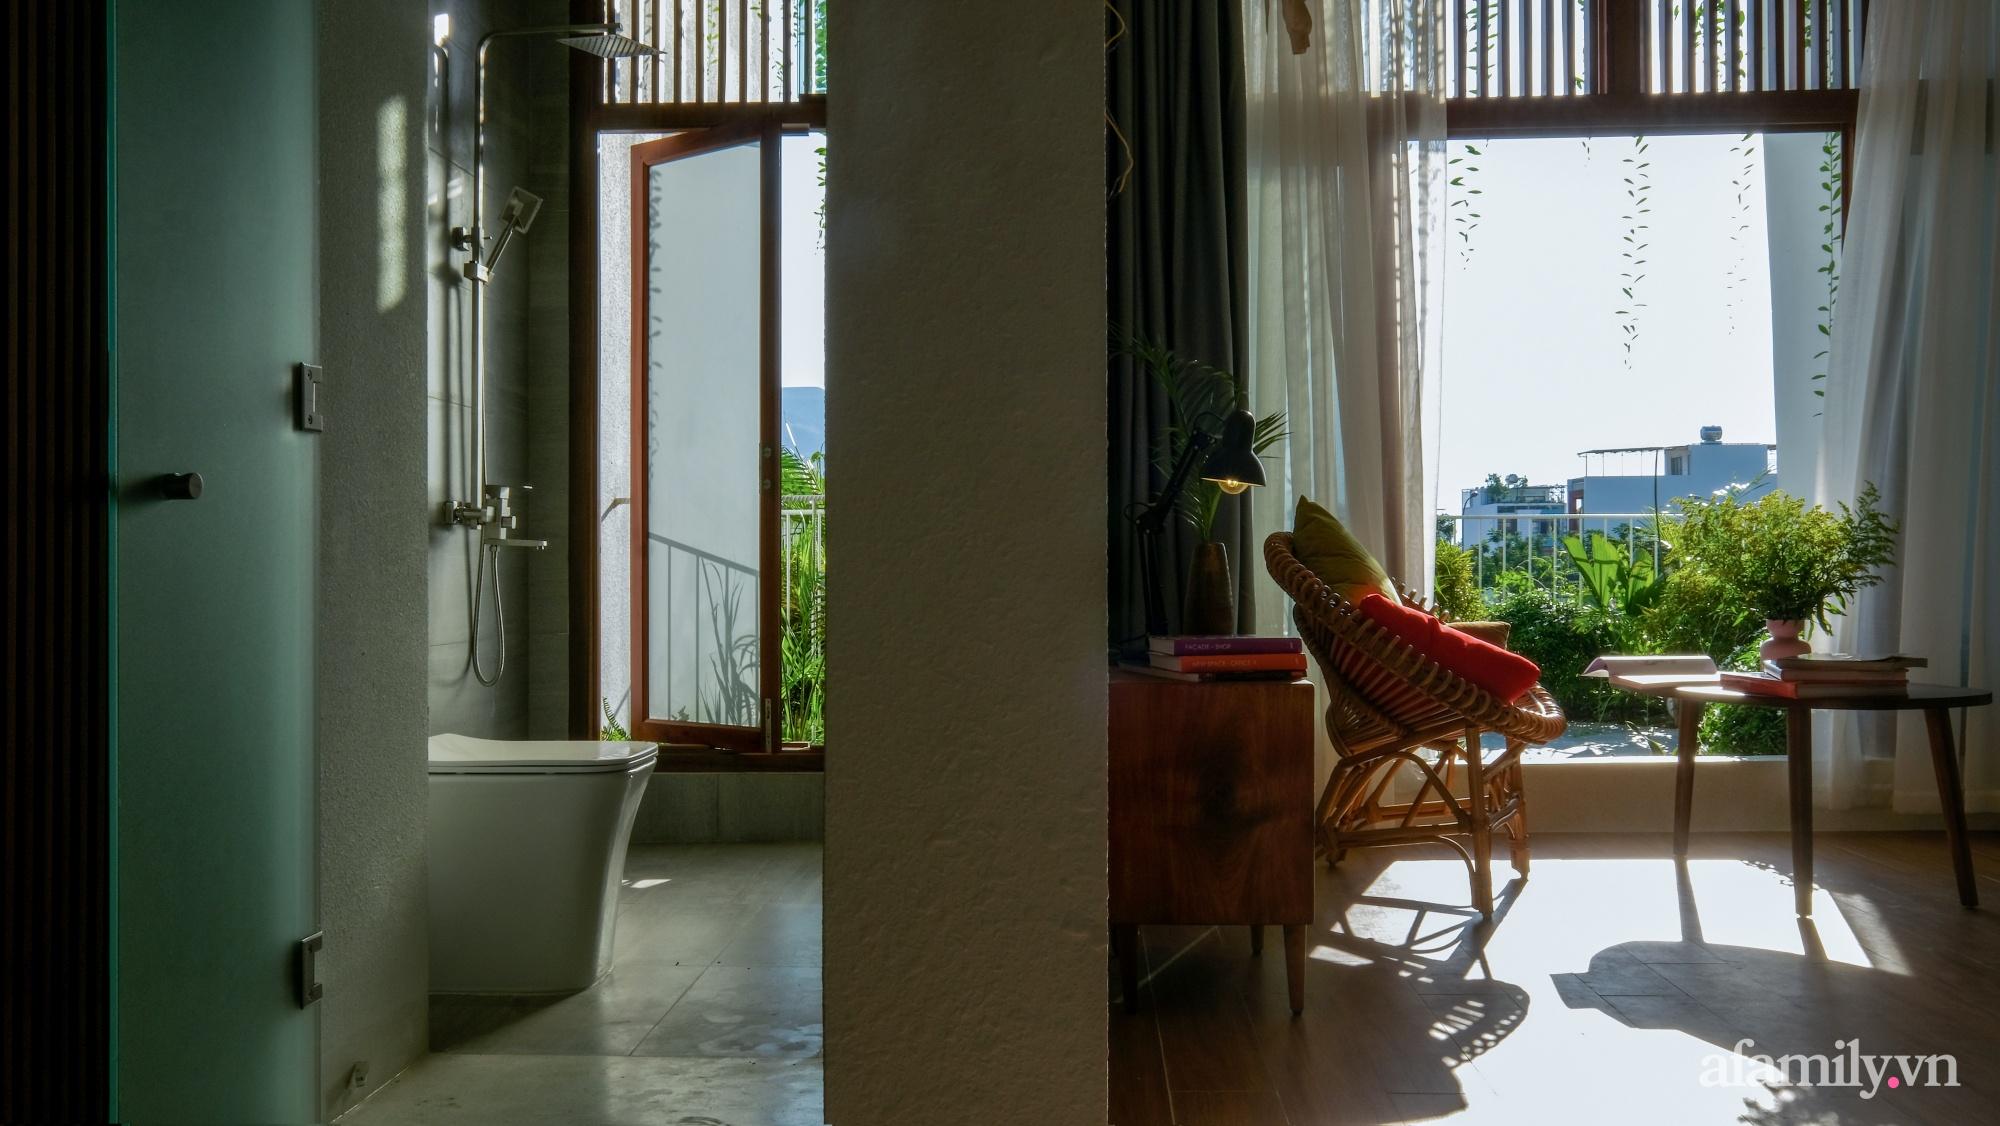 Nhà phố hướng Tây vẫn mát mẻ không cần điều hòa nhờ thiết kế gần gũi với thiên nhiên ở Nha Trang - Ảnh 19.